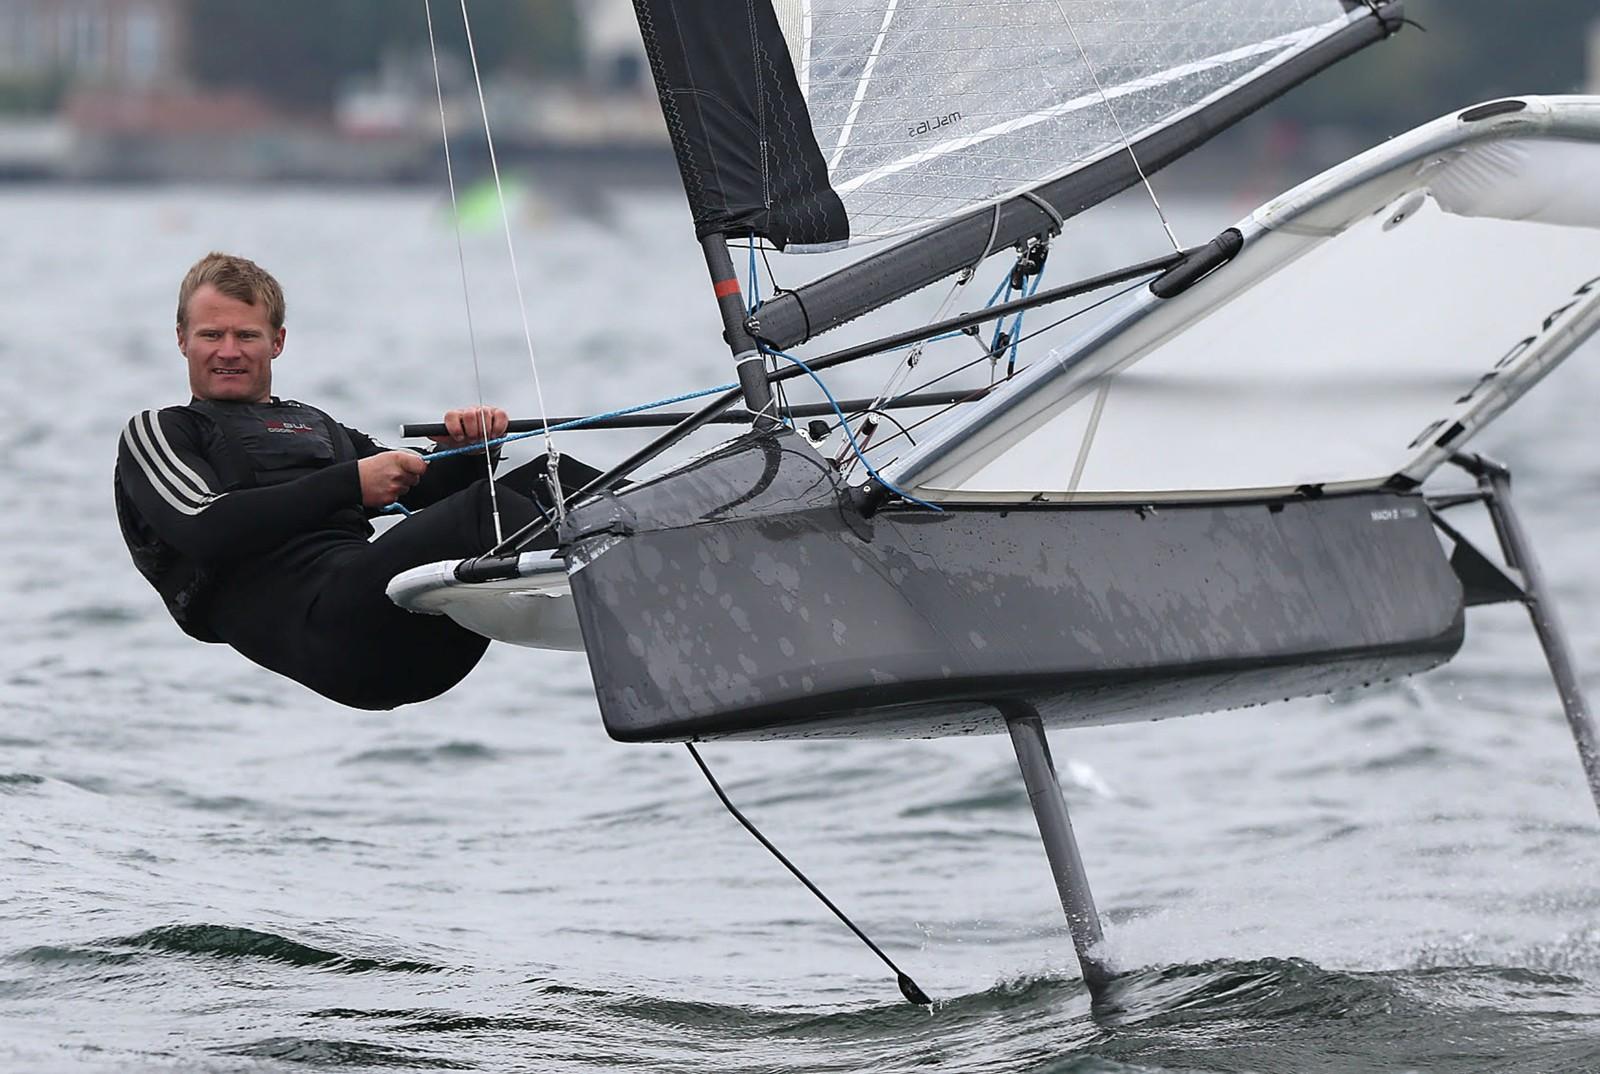 Rasmus Køstner i farta med sin hydrofoil seilbåt